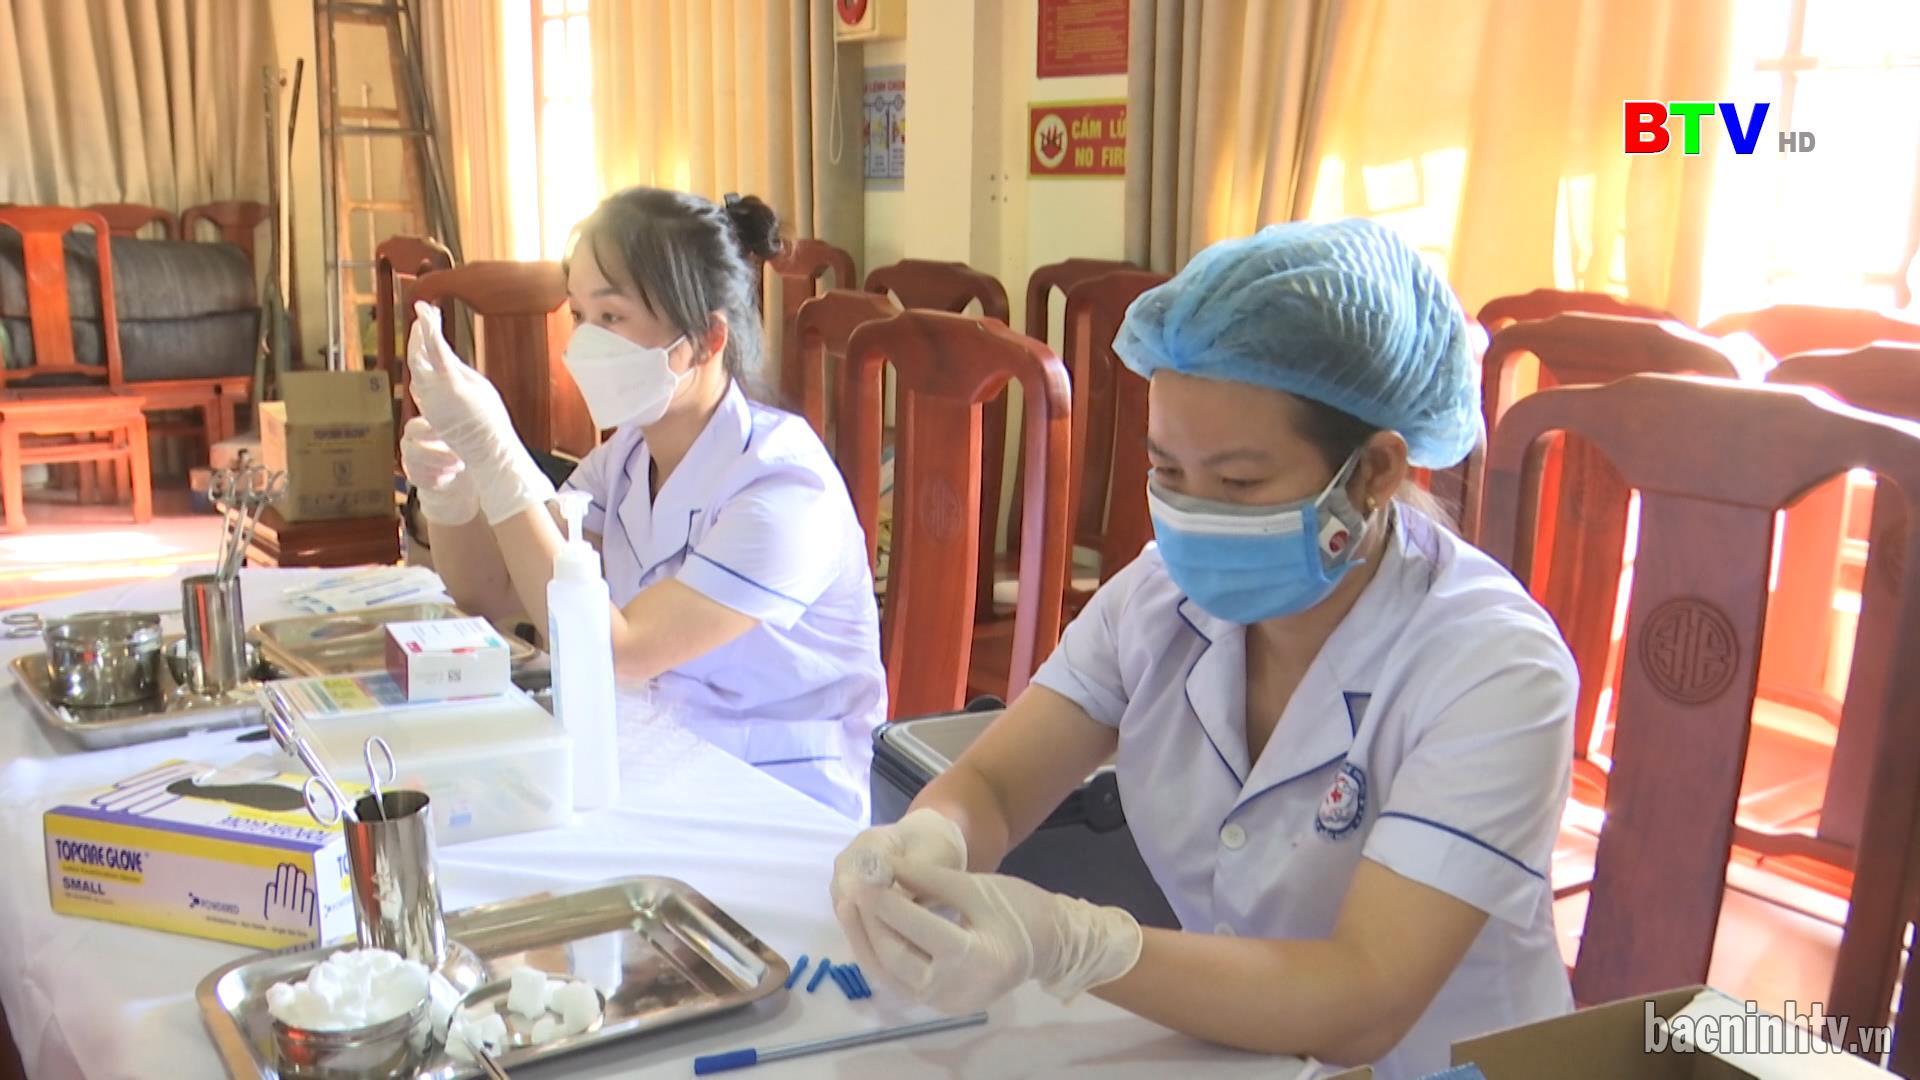 Thêm 300.000 liều vắc xin Vero cell phòng Covid - 19